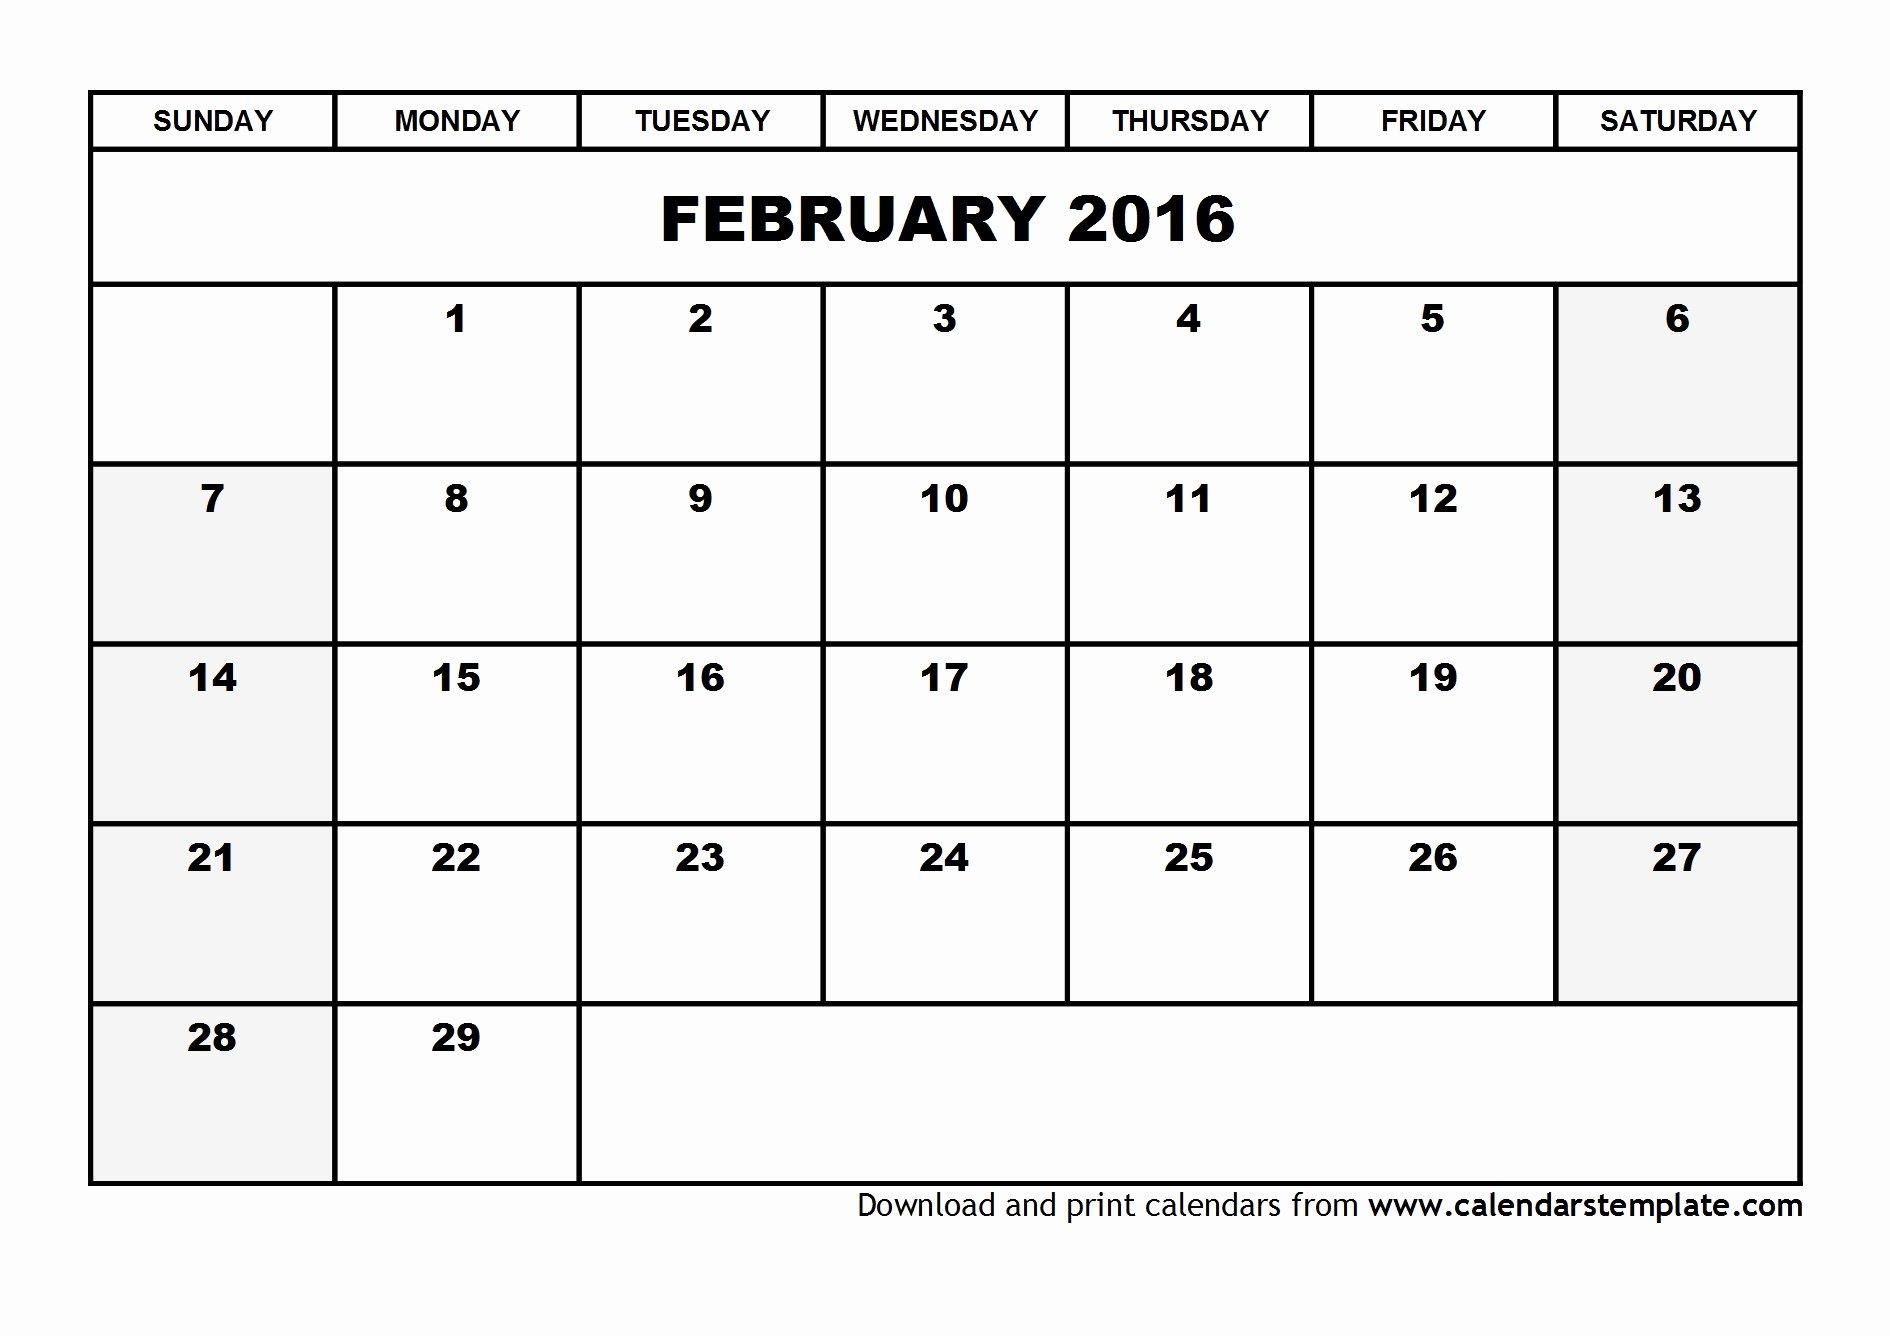 Blank Calendar Template 2016 Best Of February 2016 Calendar Template